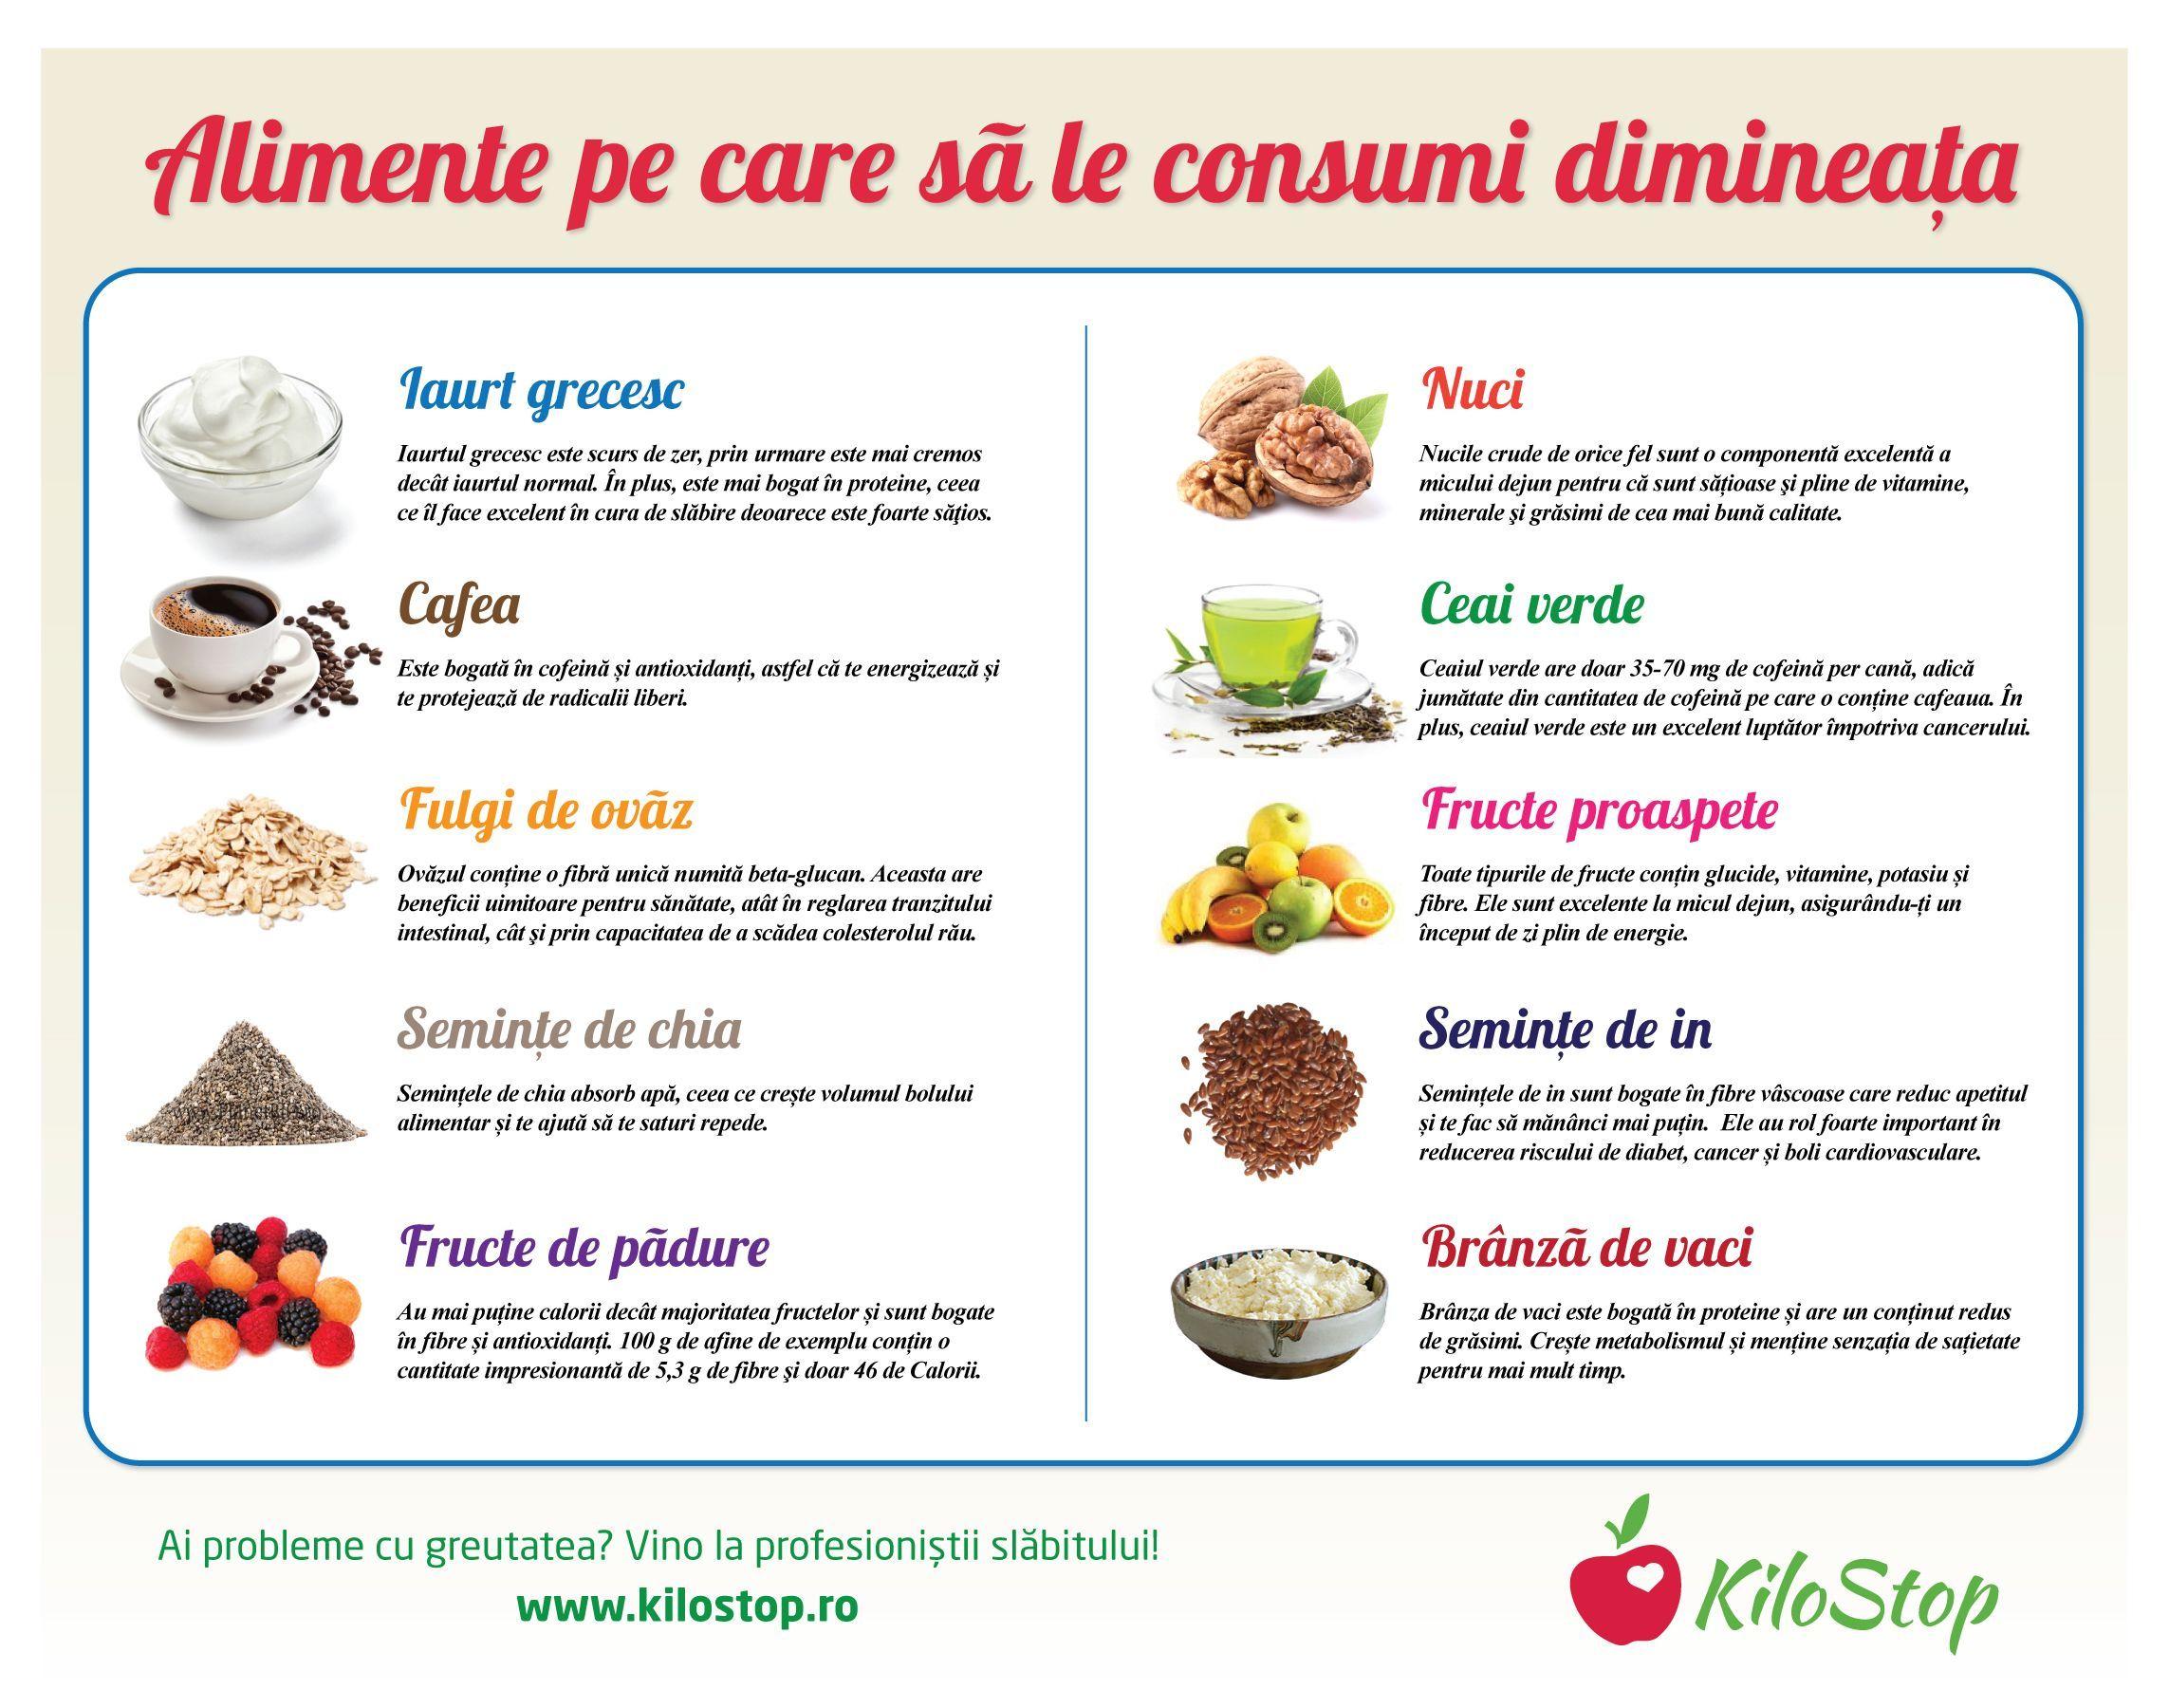 Grăsimi saturate sau nesaturate: top alimente grase sănătoase - NativeBox